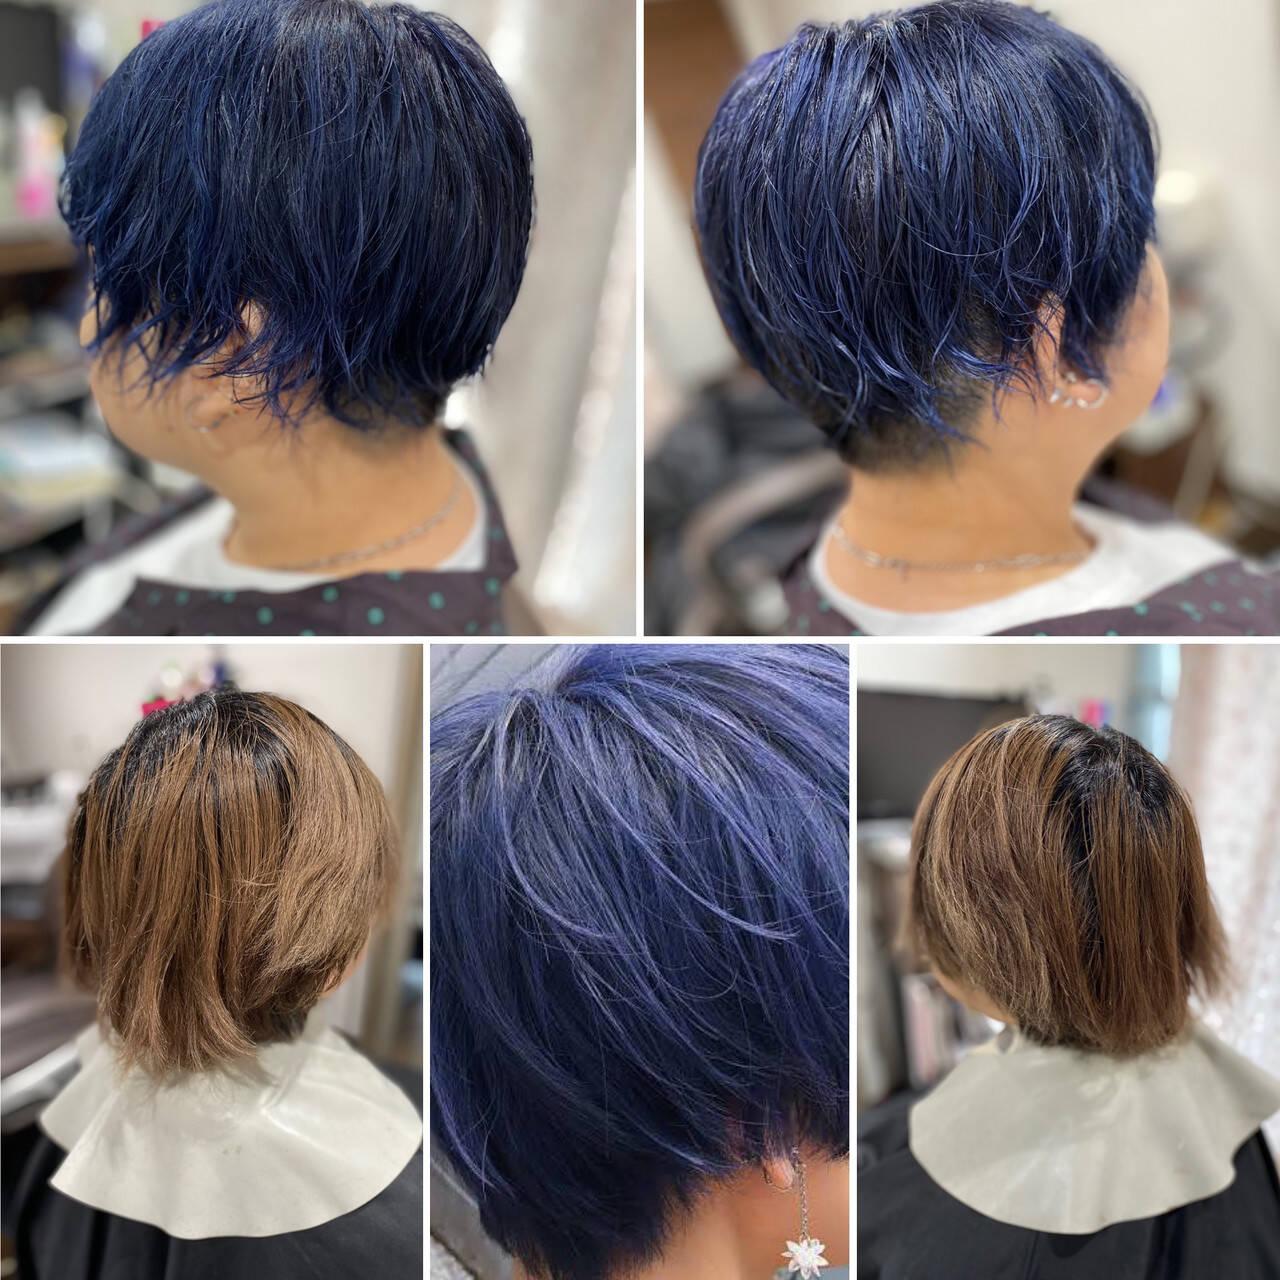 ストリート コリアンネイビー ネイビーアッシュ ショートヘアスタイルや髪型の写真・画像